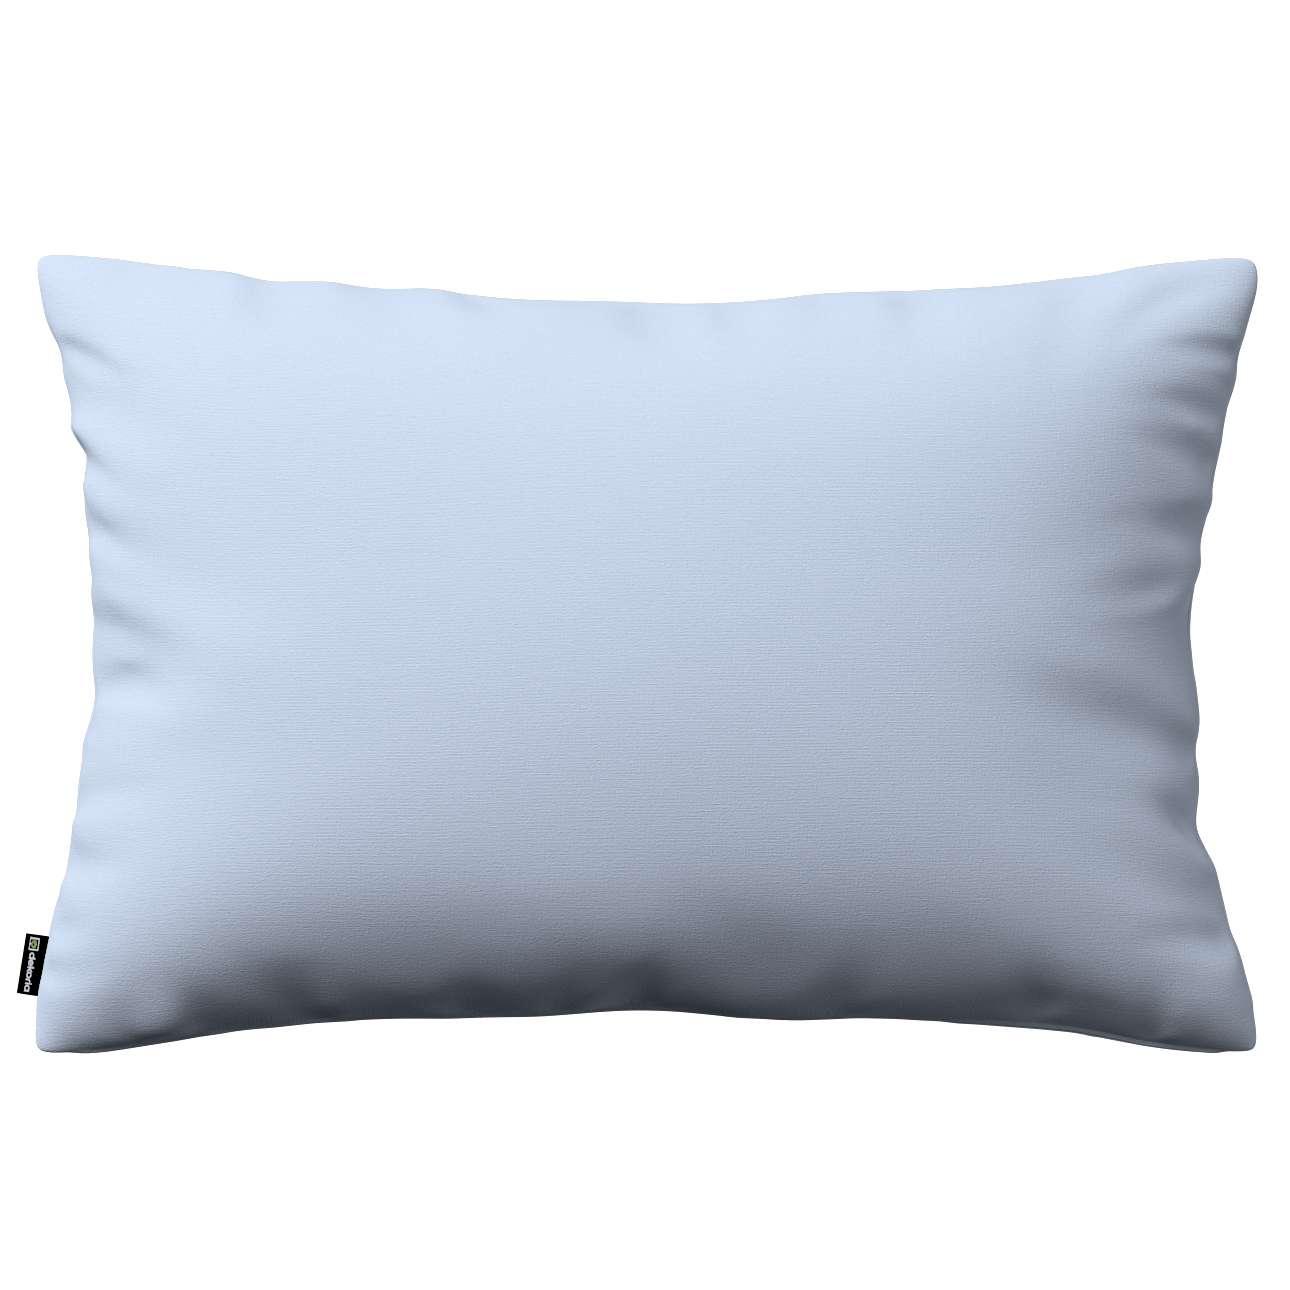 Poszewka Kinga na poduszkę prostokątną 60 x 40 cm w kolekcji Loneta, tkanina: 133-35